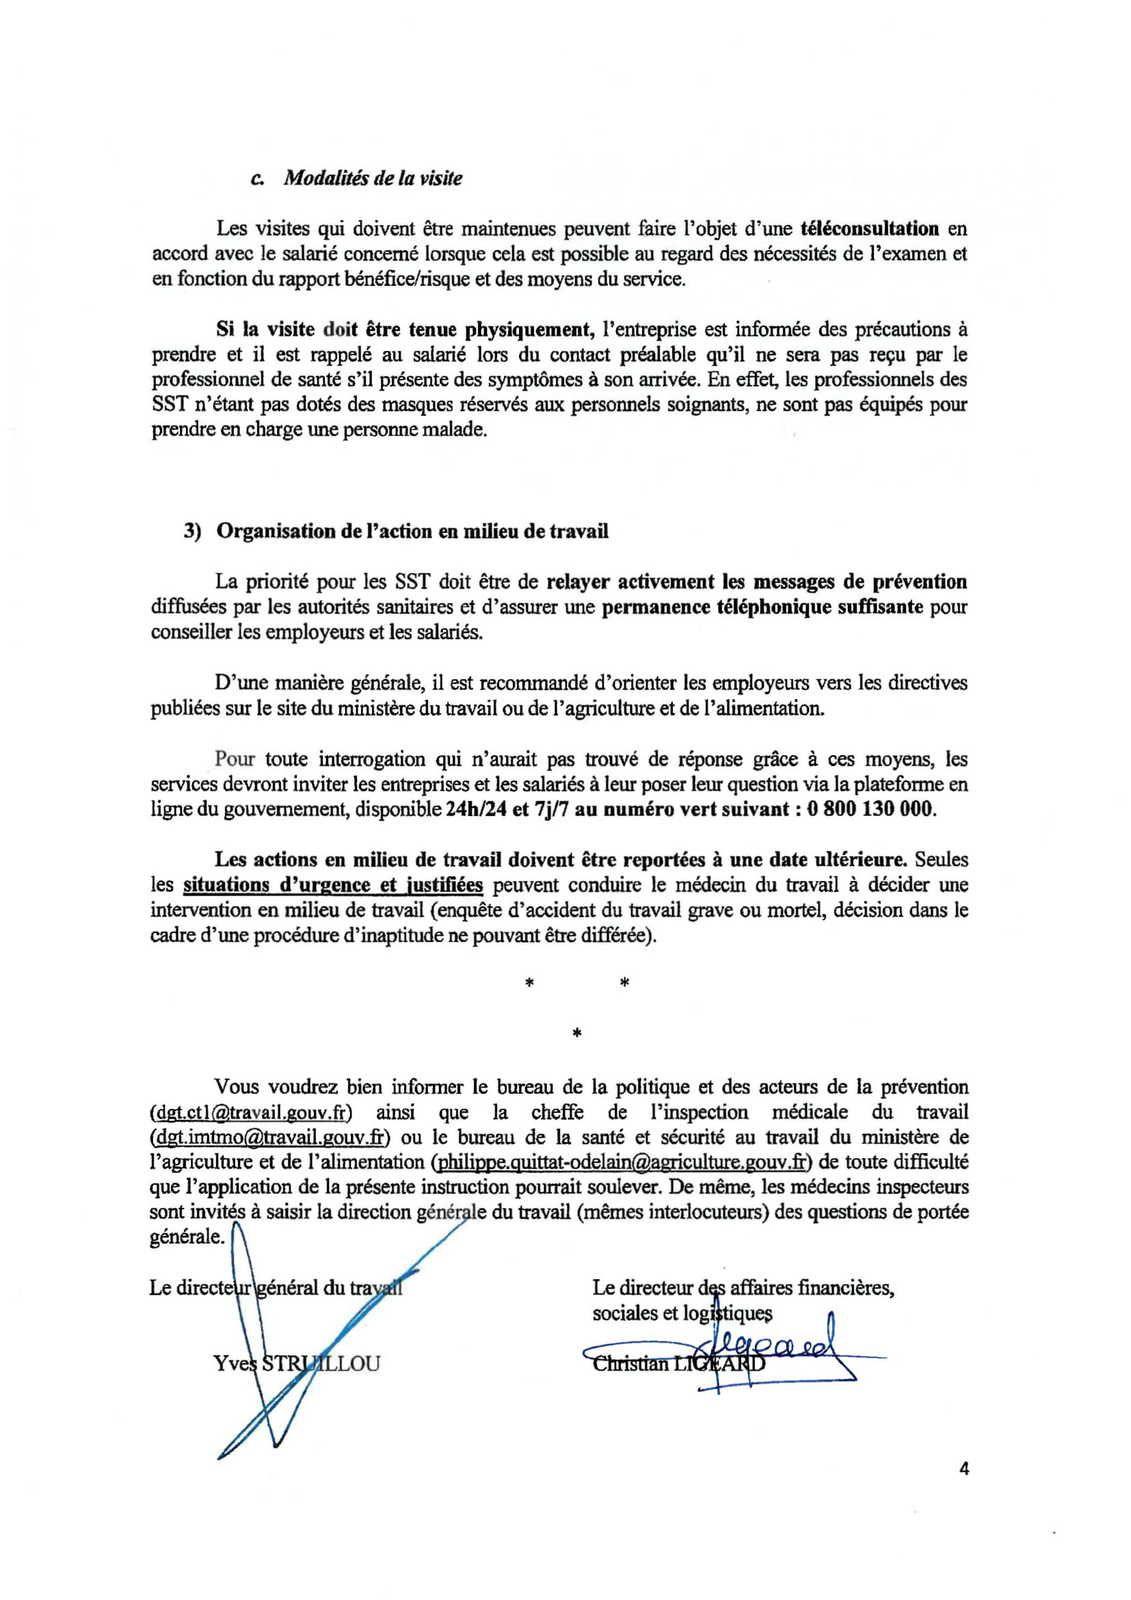 PEUT-ON EXERCER SON DROIT DE RETRAIT DANS CETTE PÉRIODE DE CRISE SANITAIRE ?